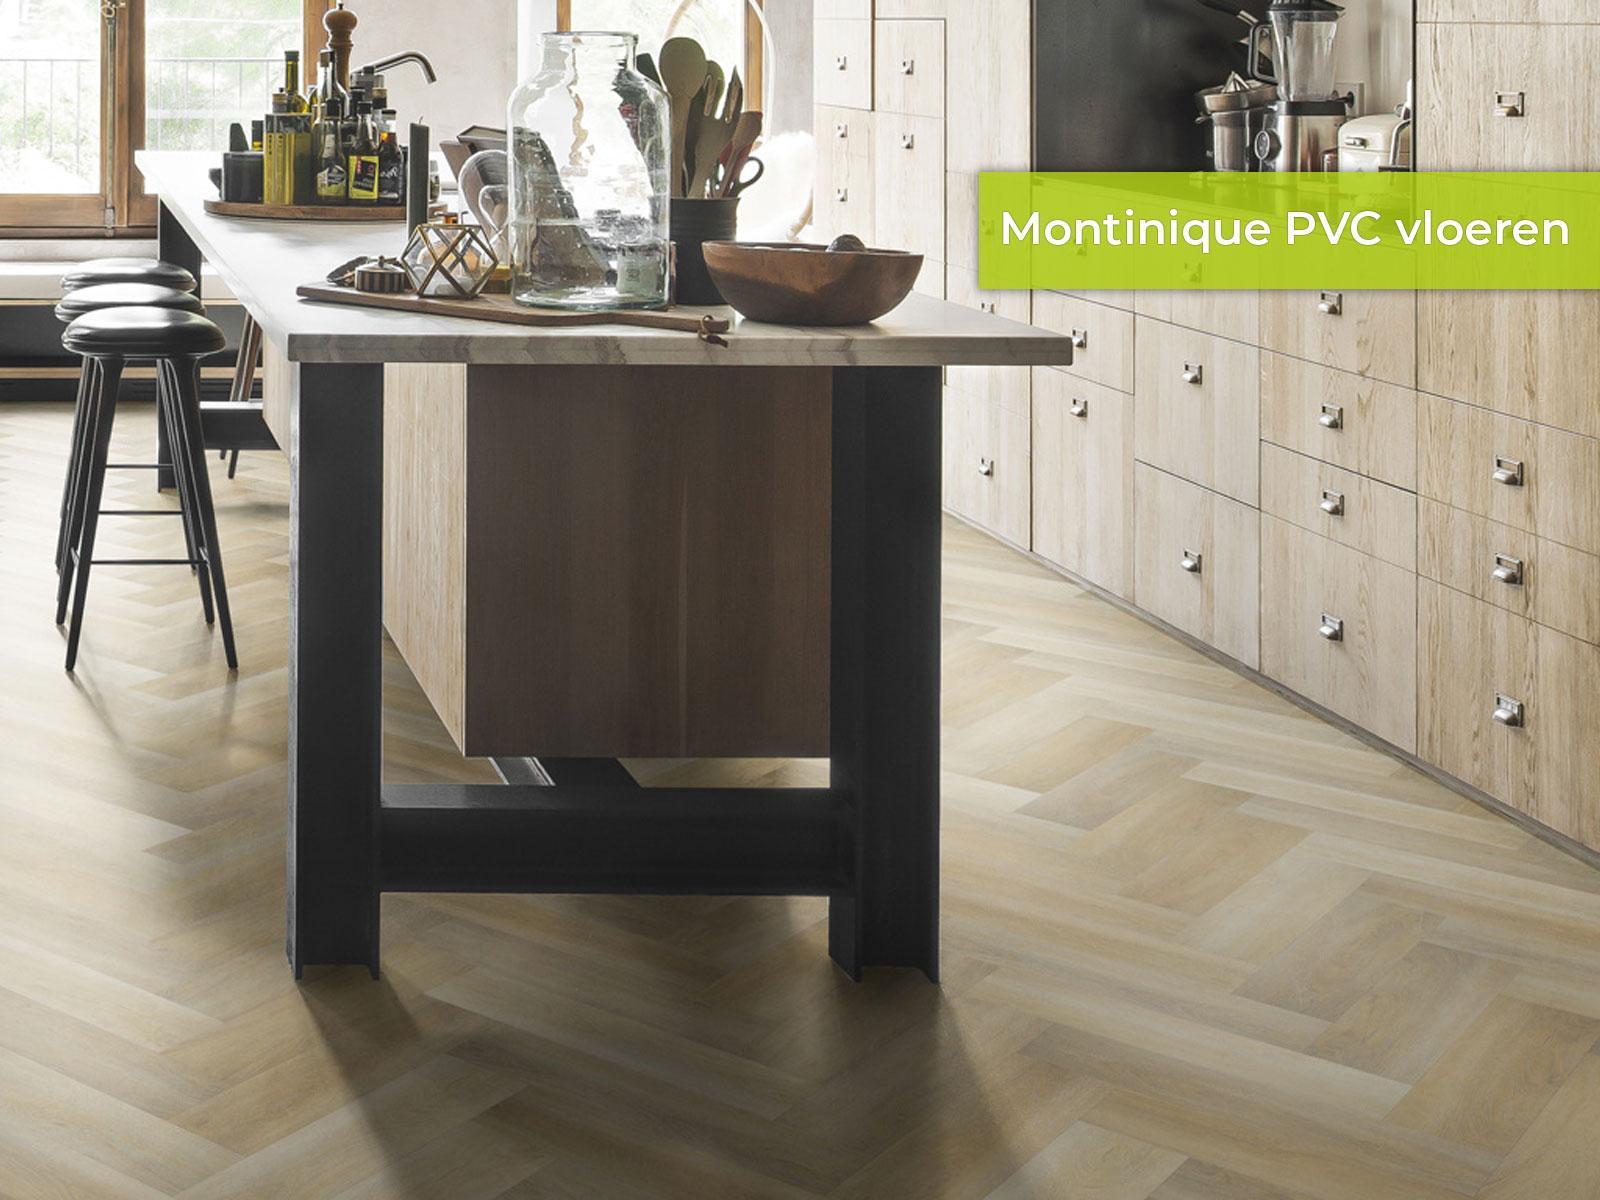 Montinique PVC vloer